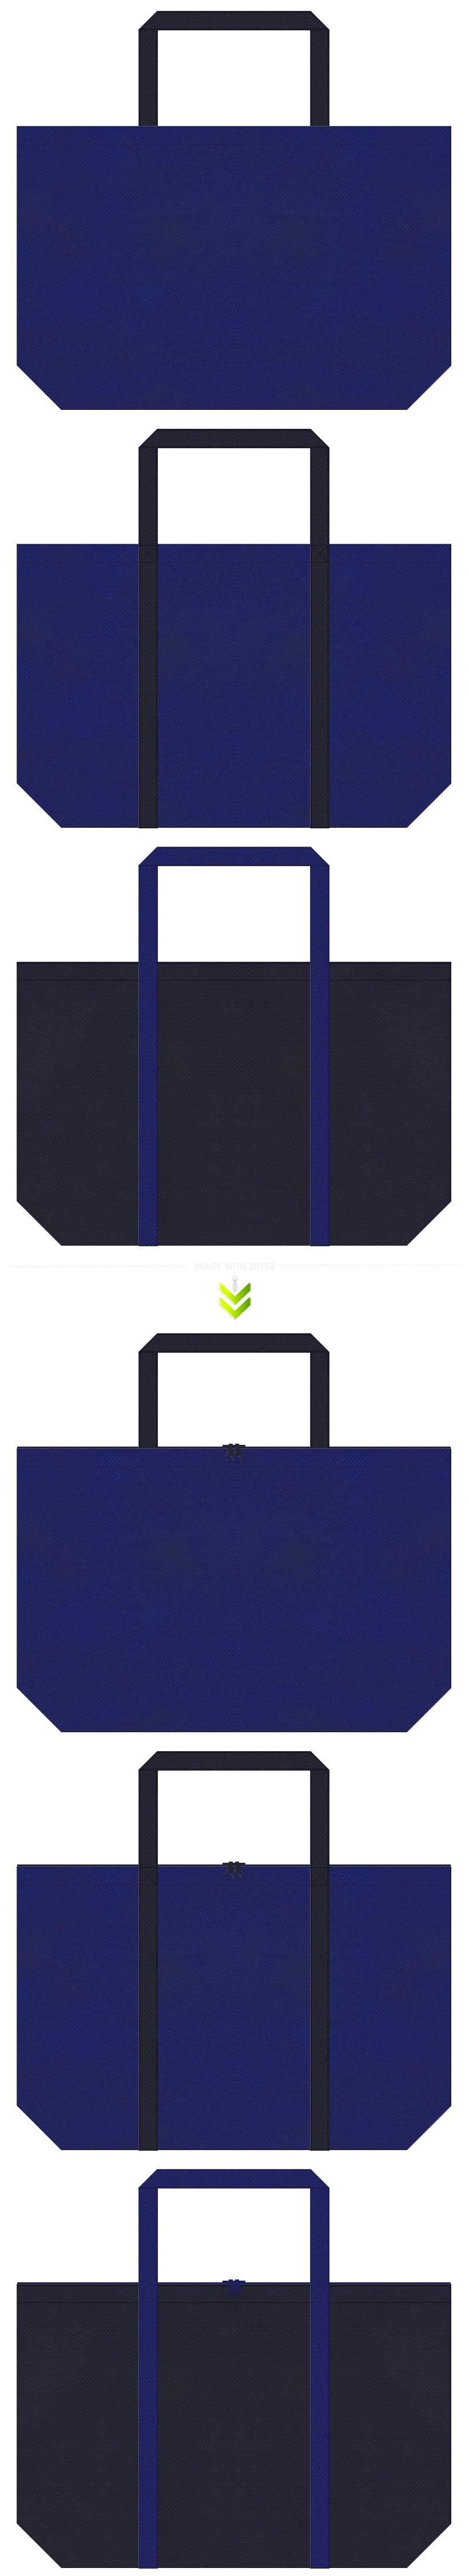 潜水艦・深海・ダイビング・宇宙・天体観測・プラネタリウム・闇夜・ミステリー・ホラー・ACT・STG・FTG・ゲームの展示会用バッグにお奨めの不織布バッグデザイン:明るい紺色と濃紺色のコーデ